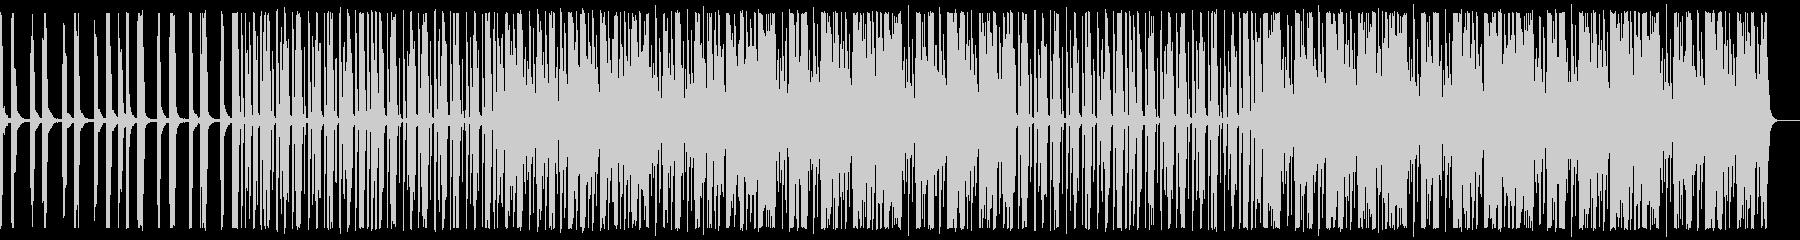 キラキラ/ローファイ_No593_1の未再生の波形